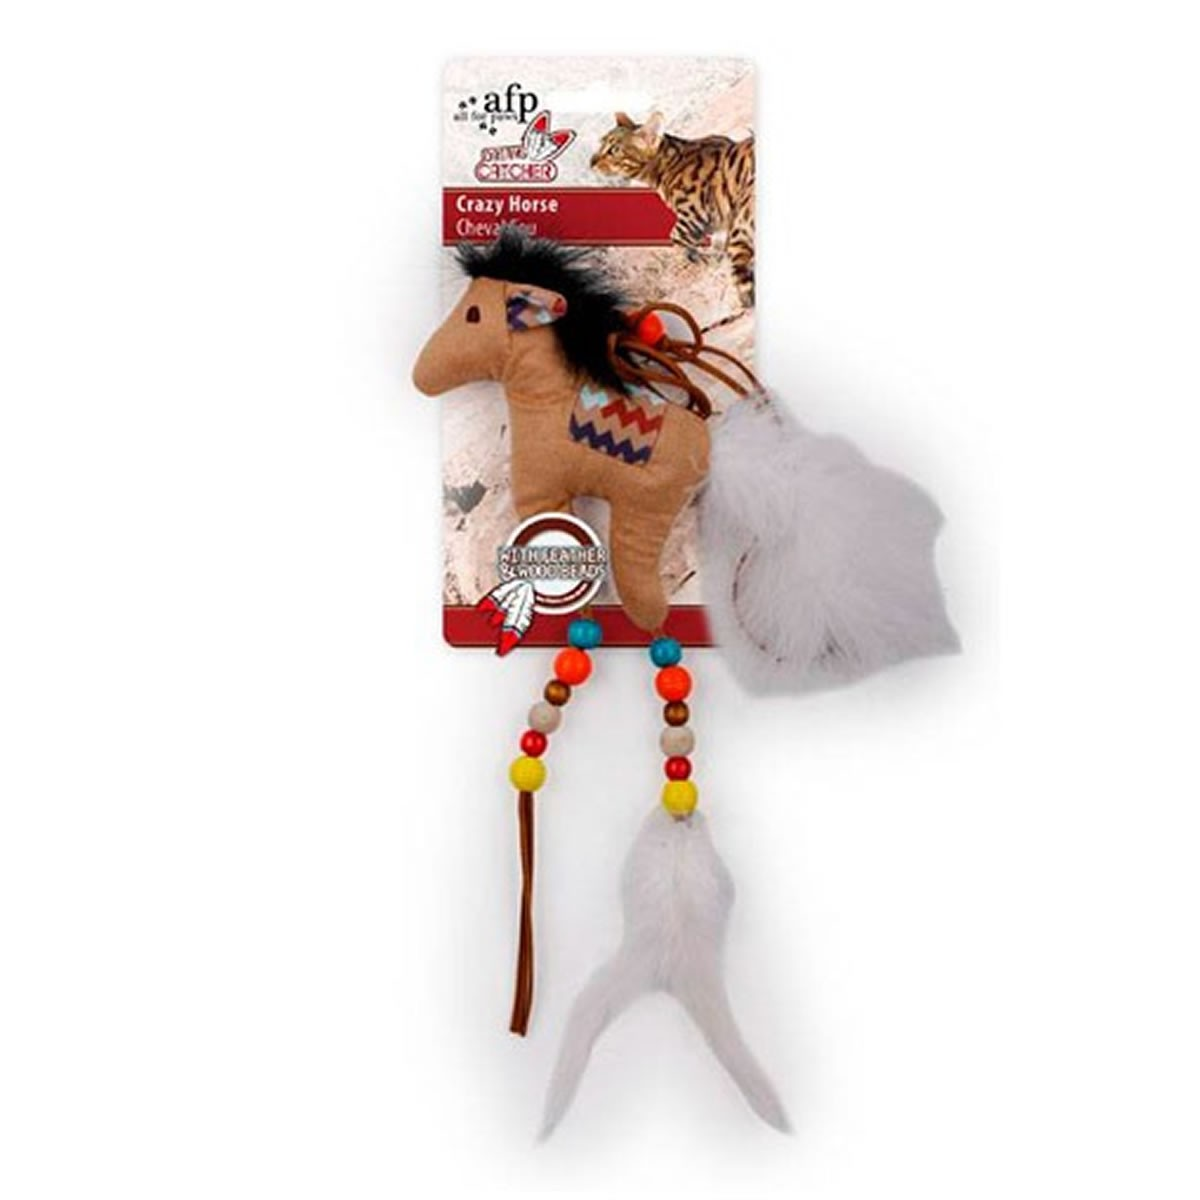 Brinquedo para Gatos AFP Dreams Catcher Cavalo Maluco Marrom - Crazy Horse